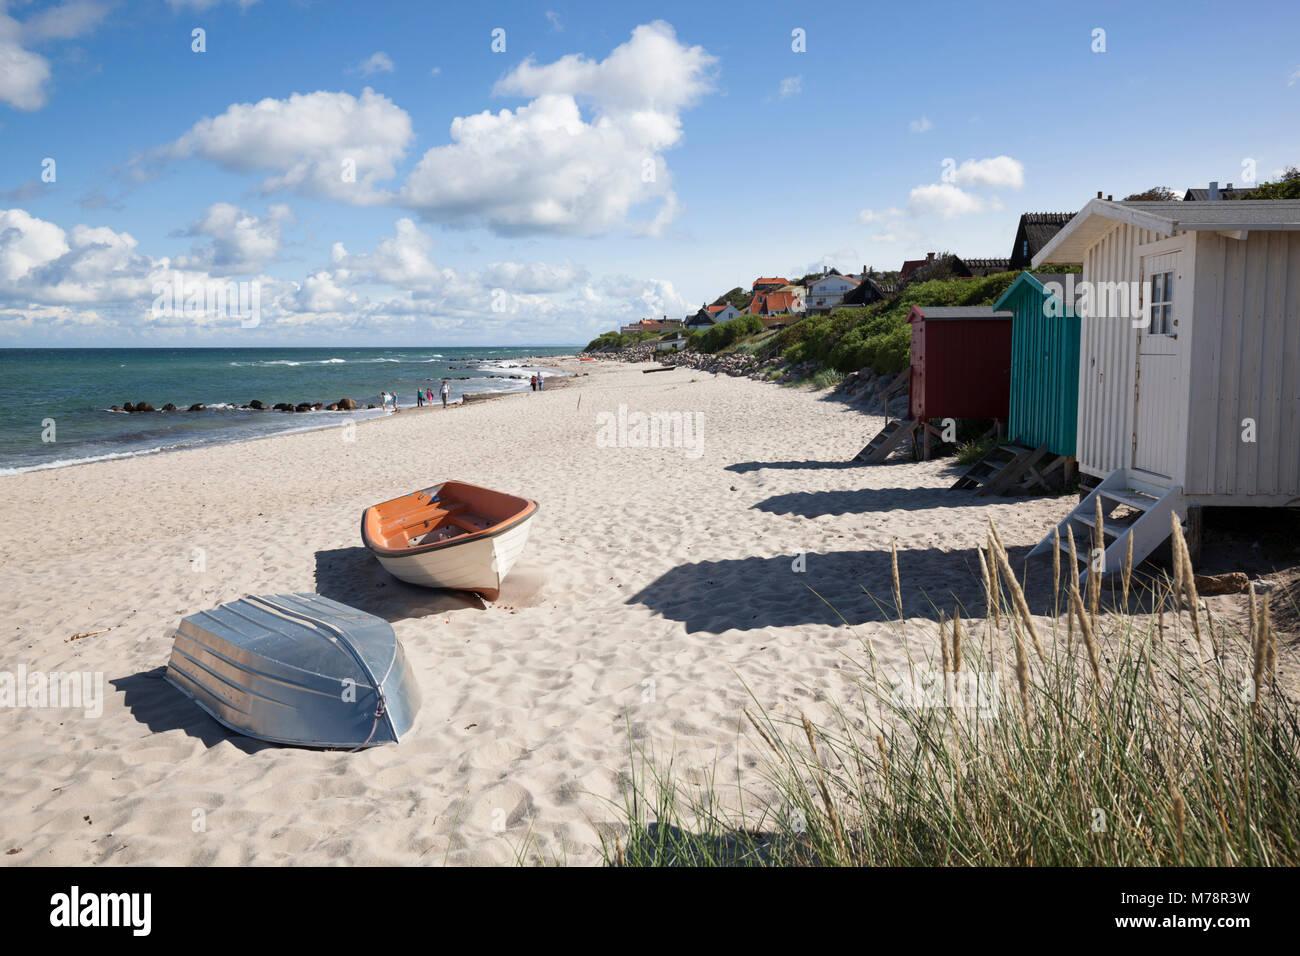 Bateaux et cabines de plage sur la plage de sable blanc avec ville derrière, Tisvilde, le Kattegat, la Nouvelle Photo Stock